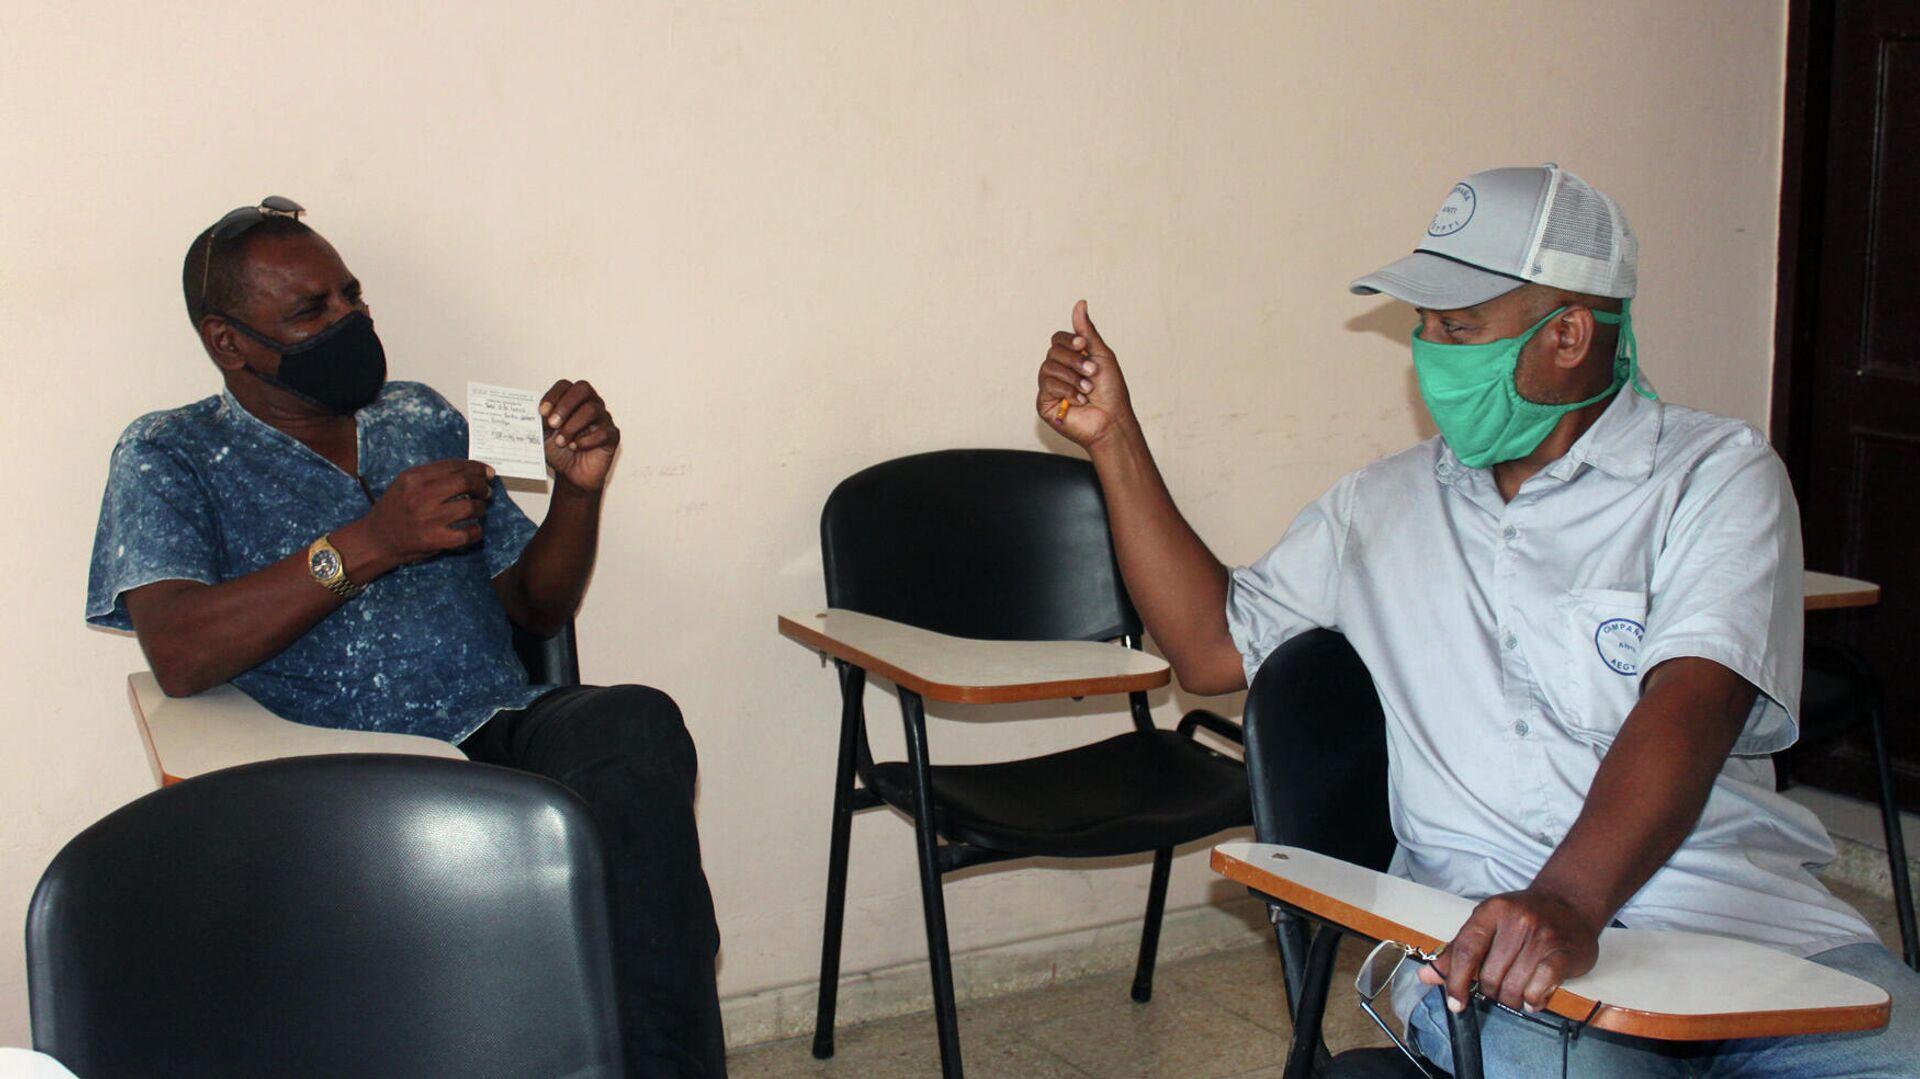 Saturnino Herrera Hernández conversa con otro trabajador de la salud mientras esperan posibles reacciones de la vacuna - Sputnik Mundo, 1920, 26.03.2021